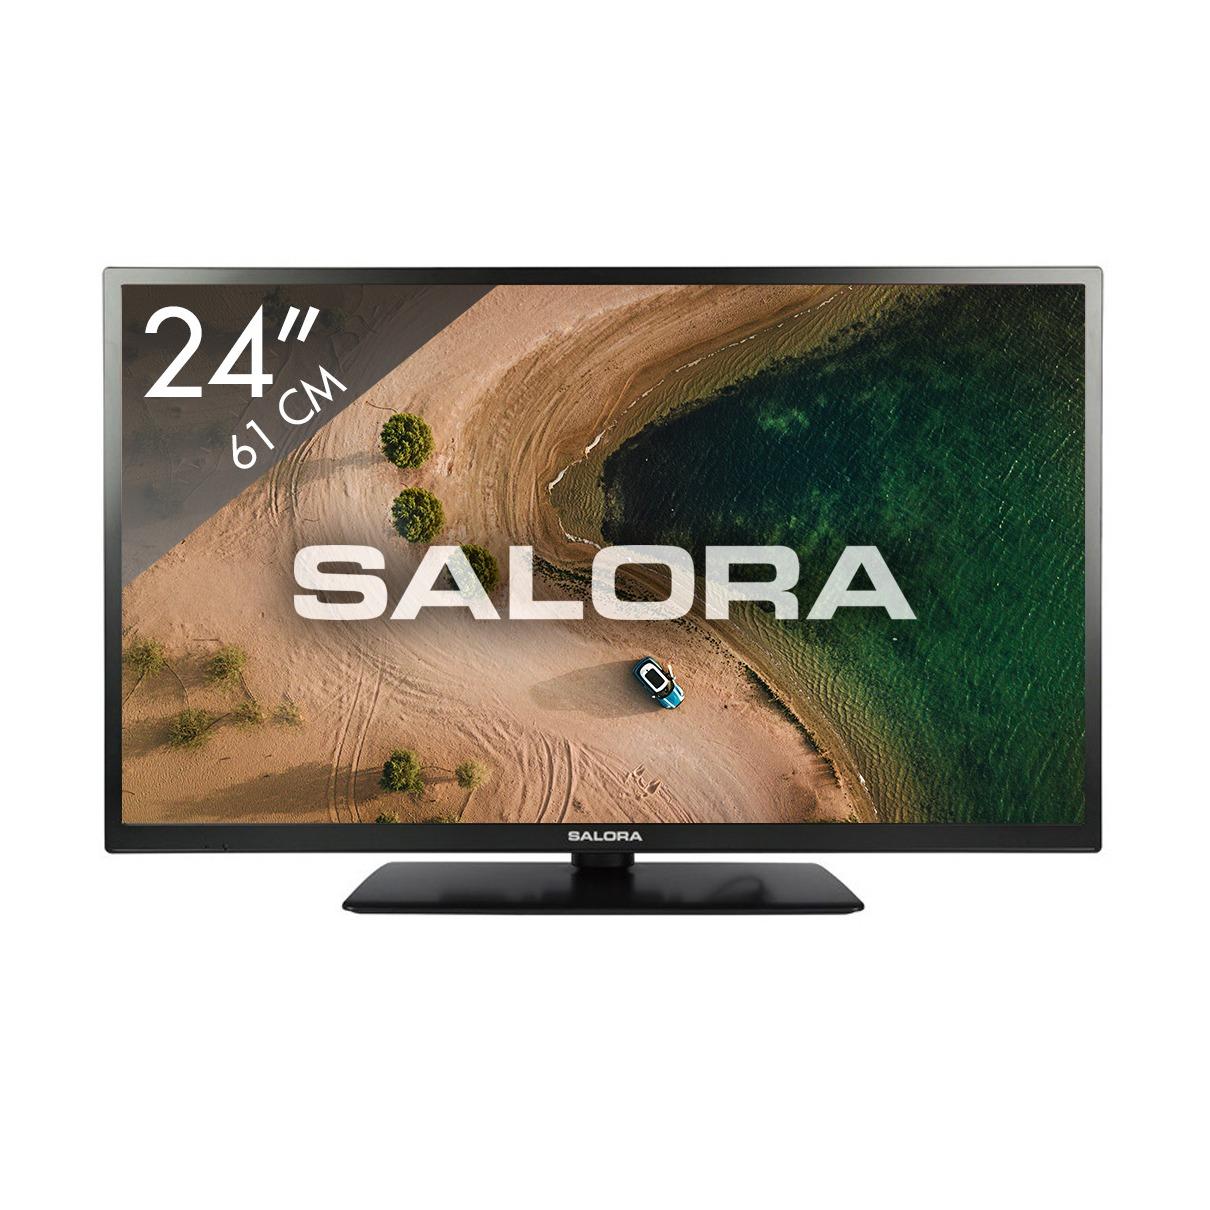 SALORA LED TV 24HSB5002